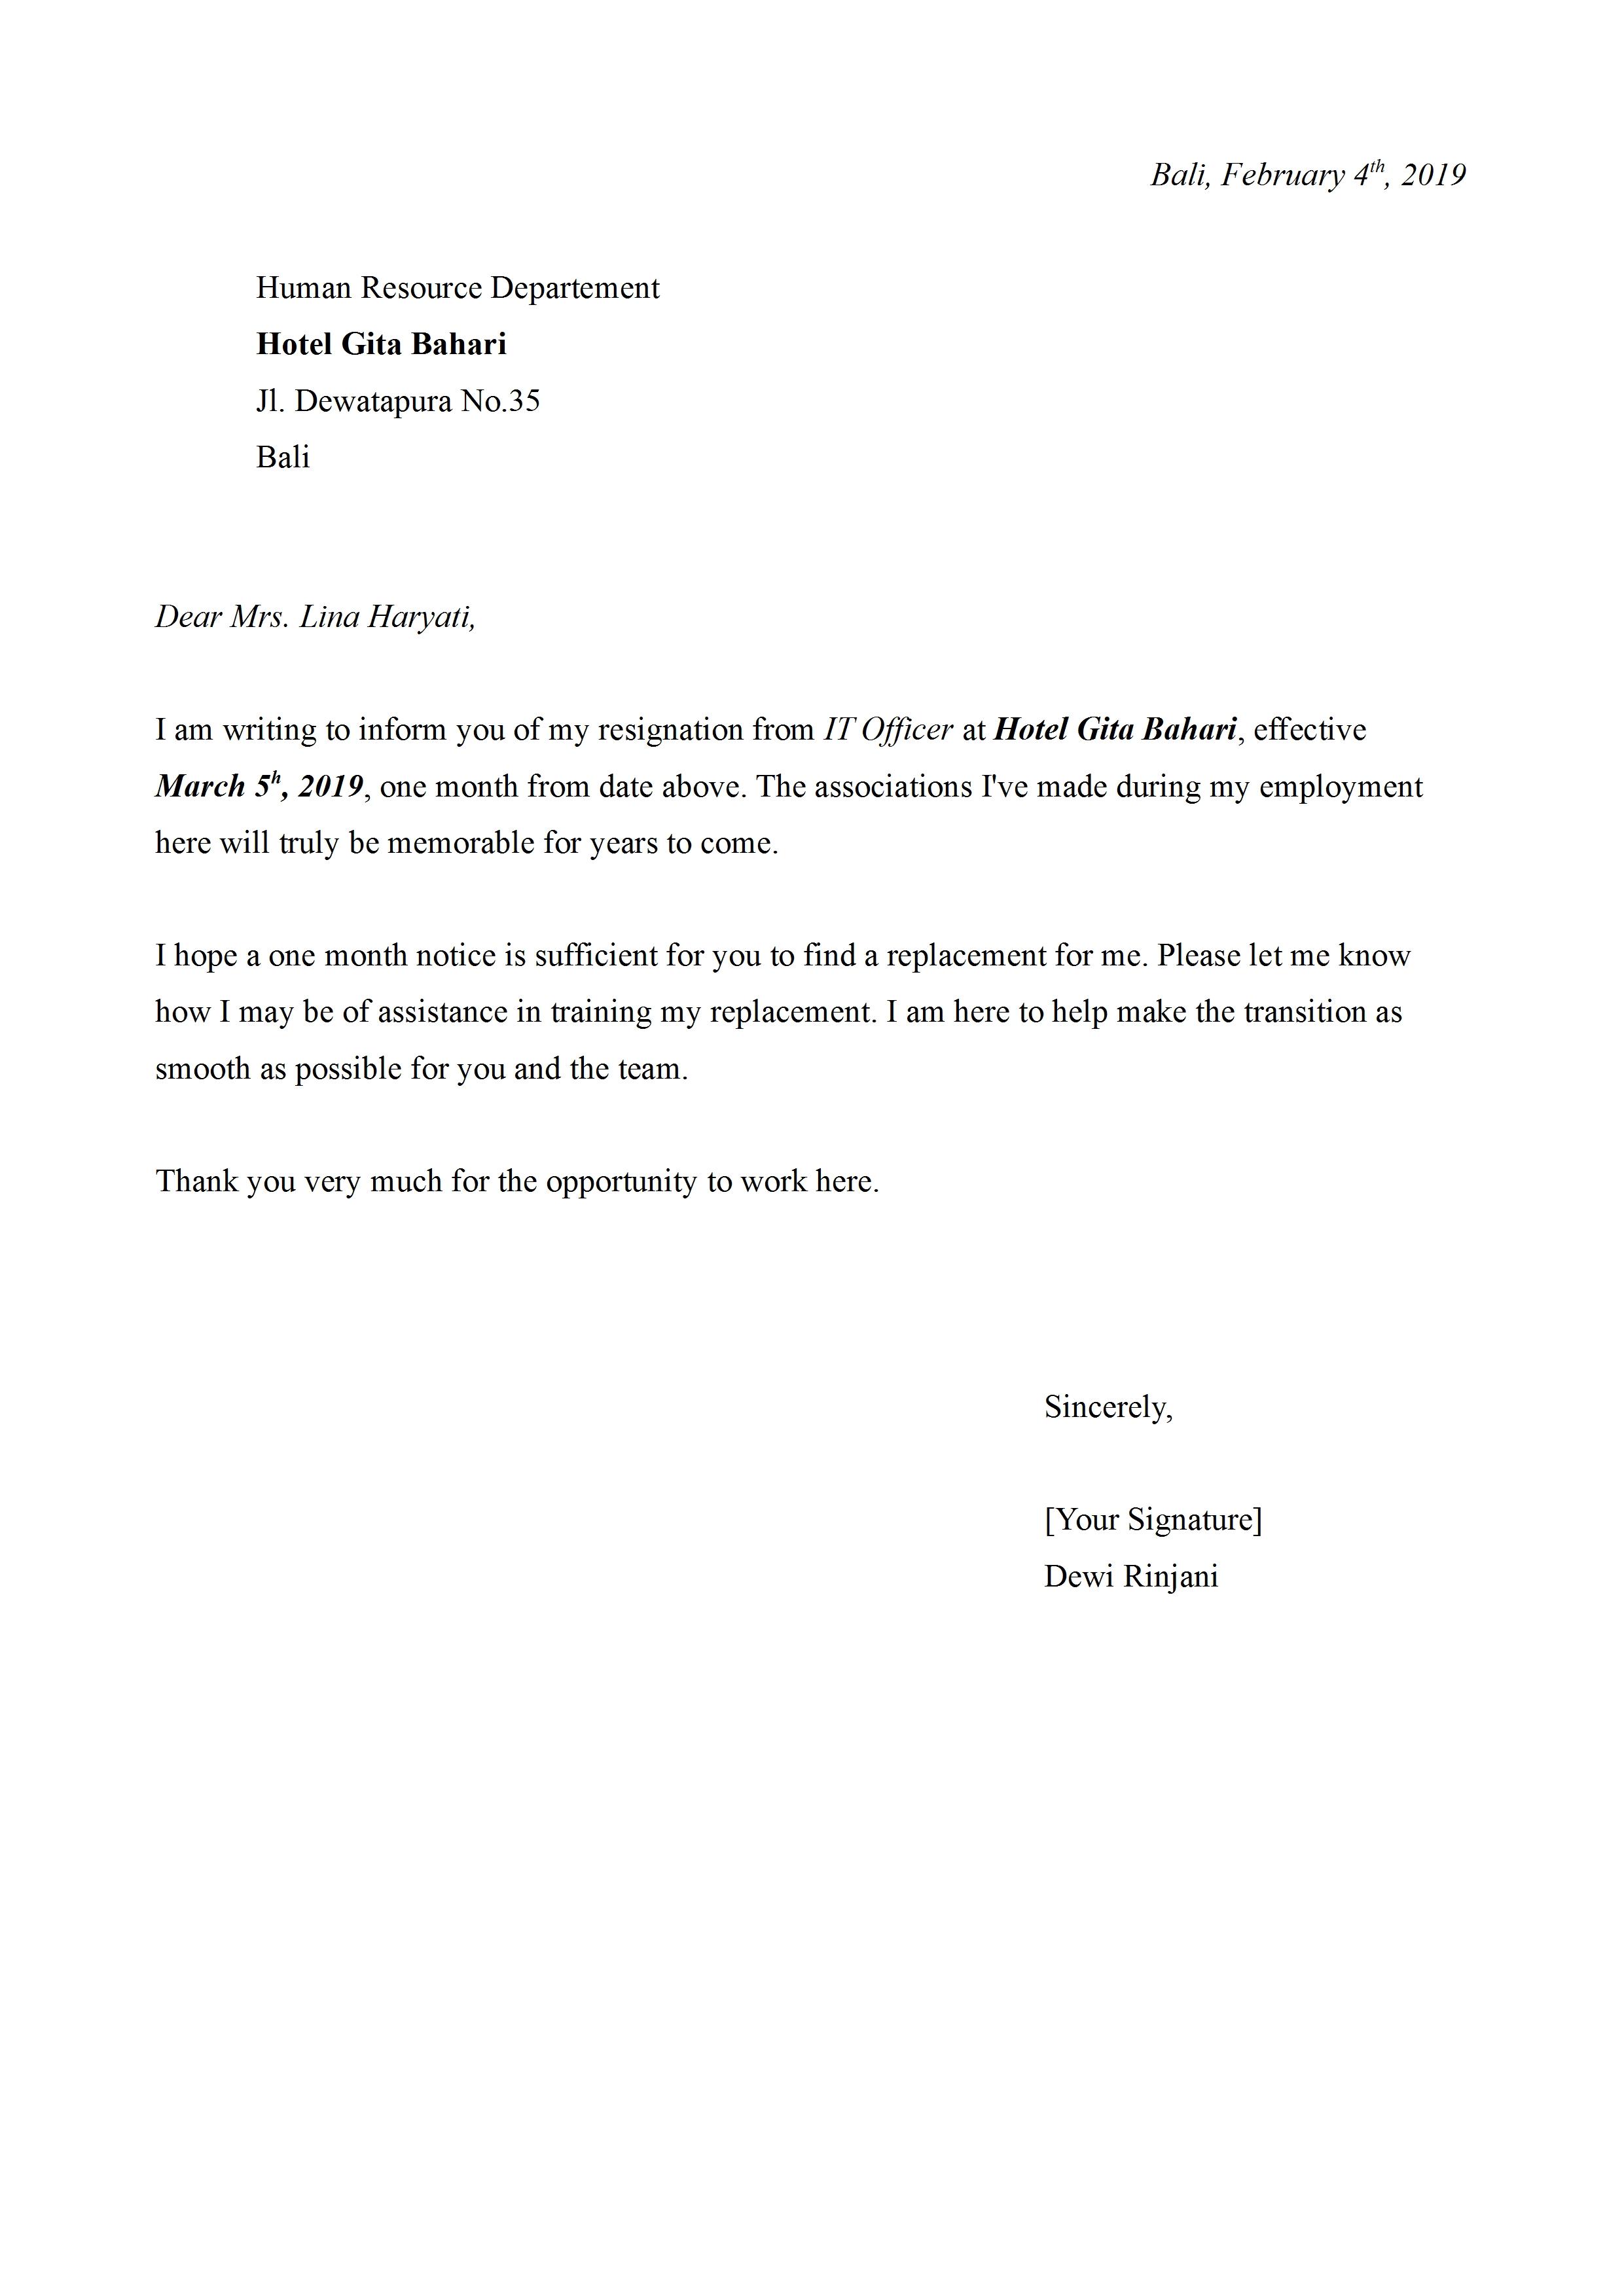 Contoh Surat Resign Bahasa Inggris Dan Artinya Yang Baik Dan